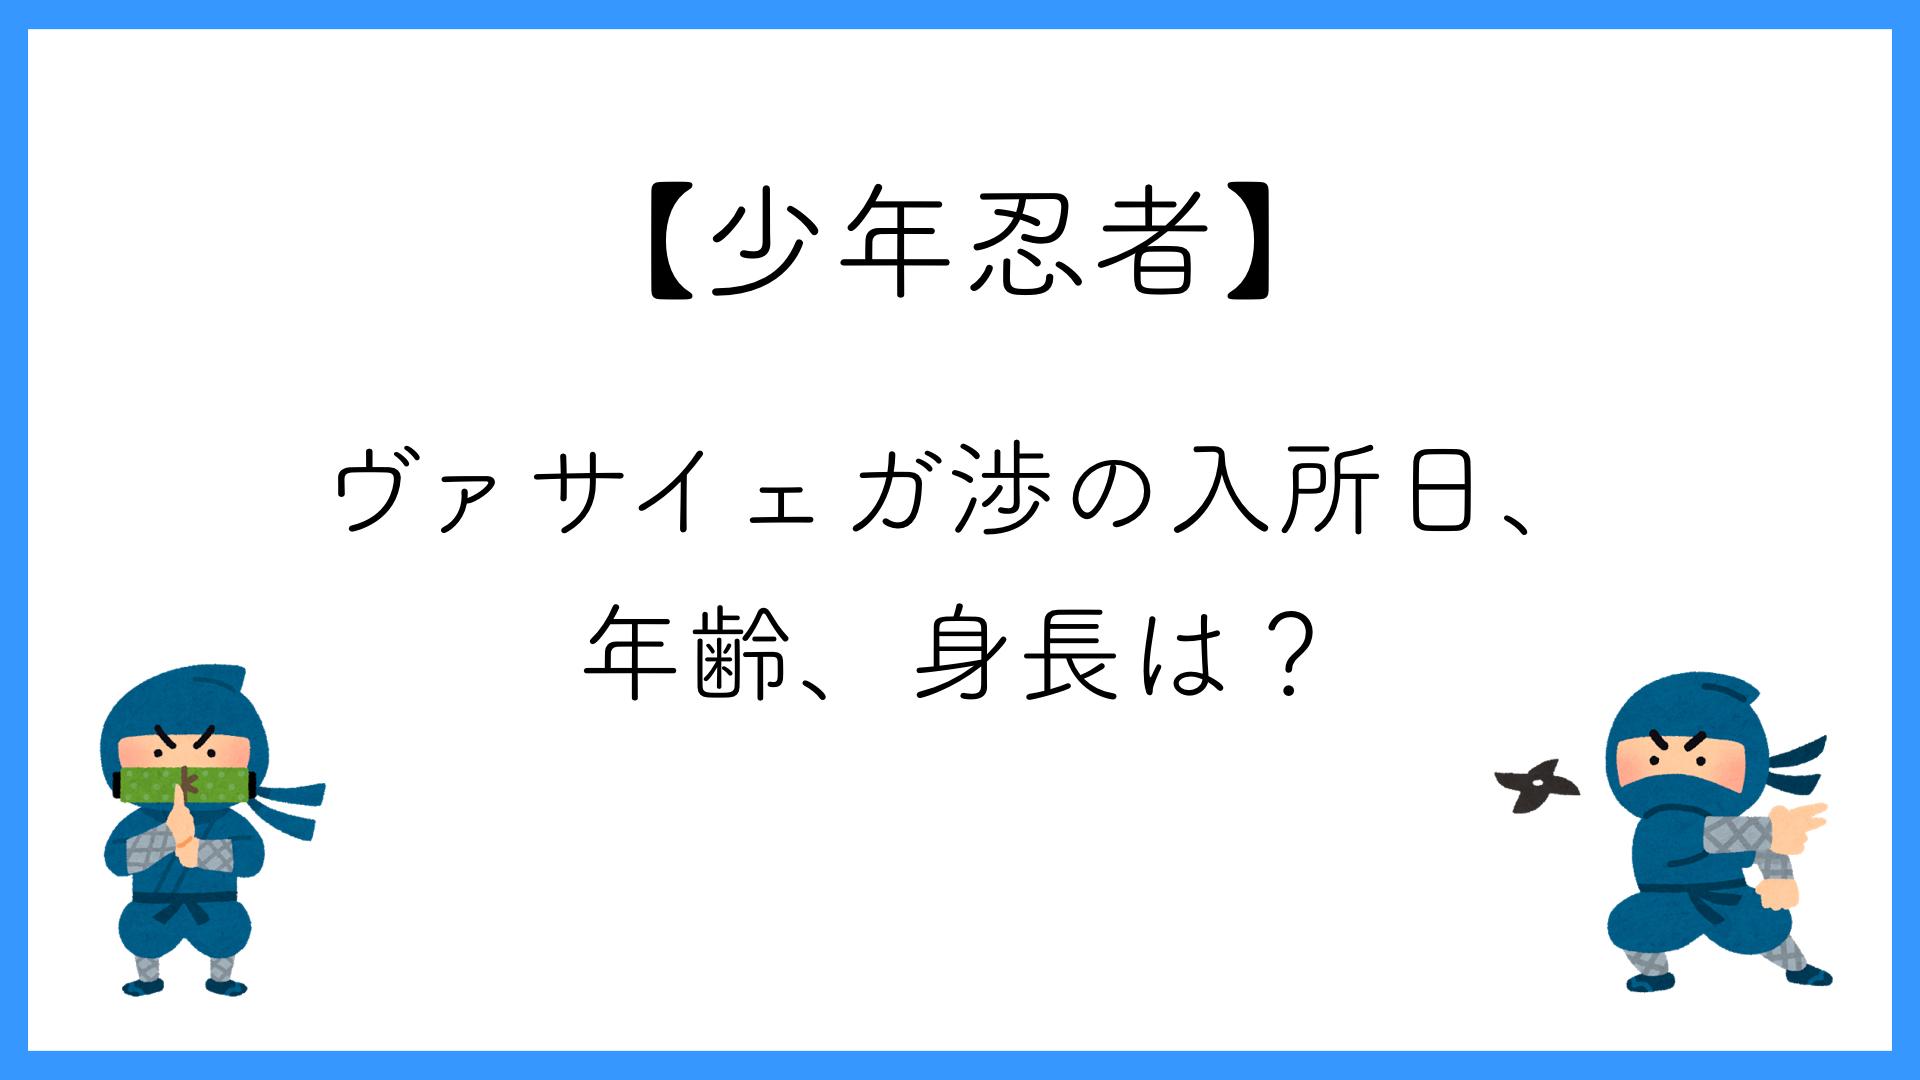 【少年忍者】ヴァサイェガ渉の入所日、年齢、身長は?